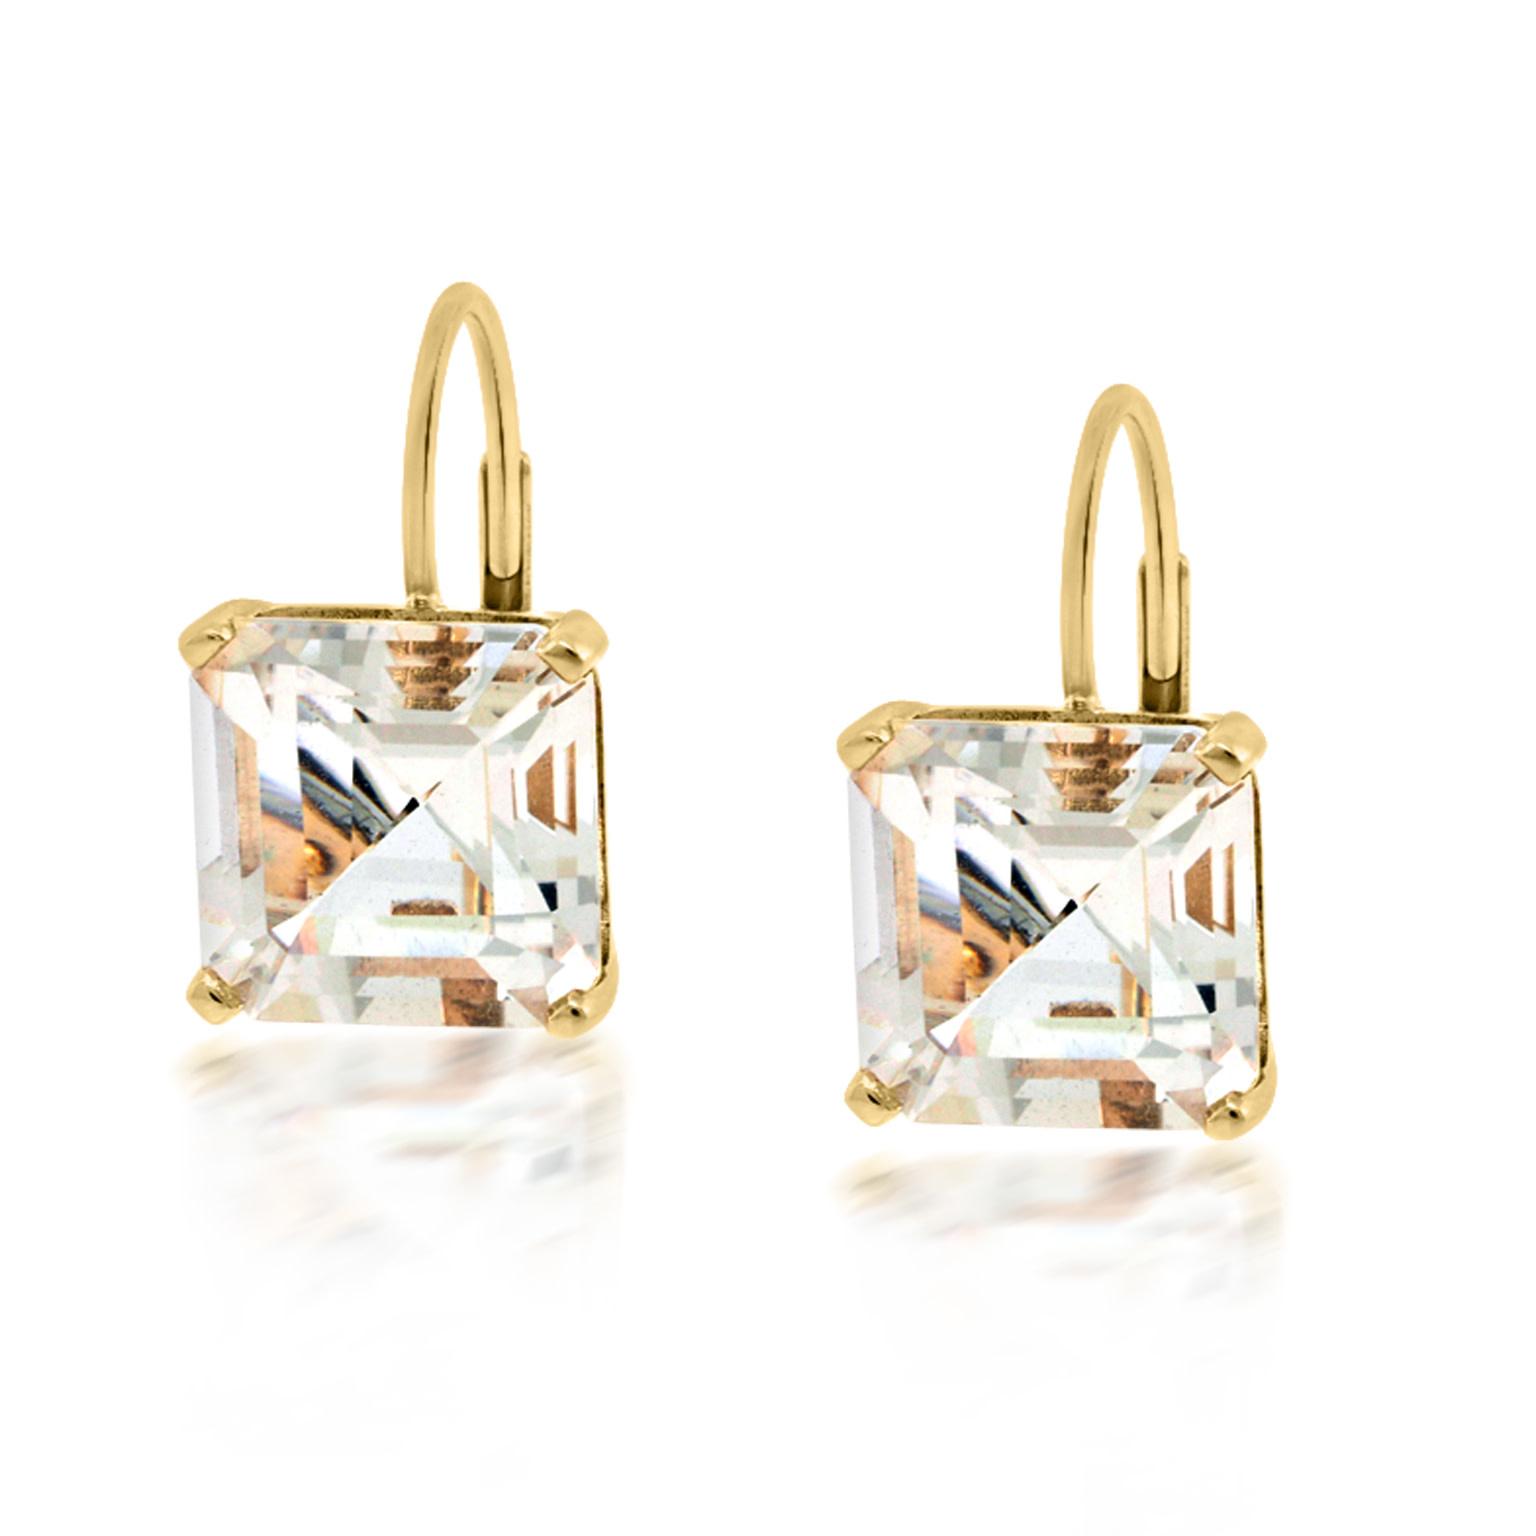 Trabert Goldsmiths Asscher Cut White Topaz Drop Earrings